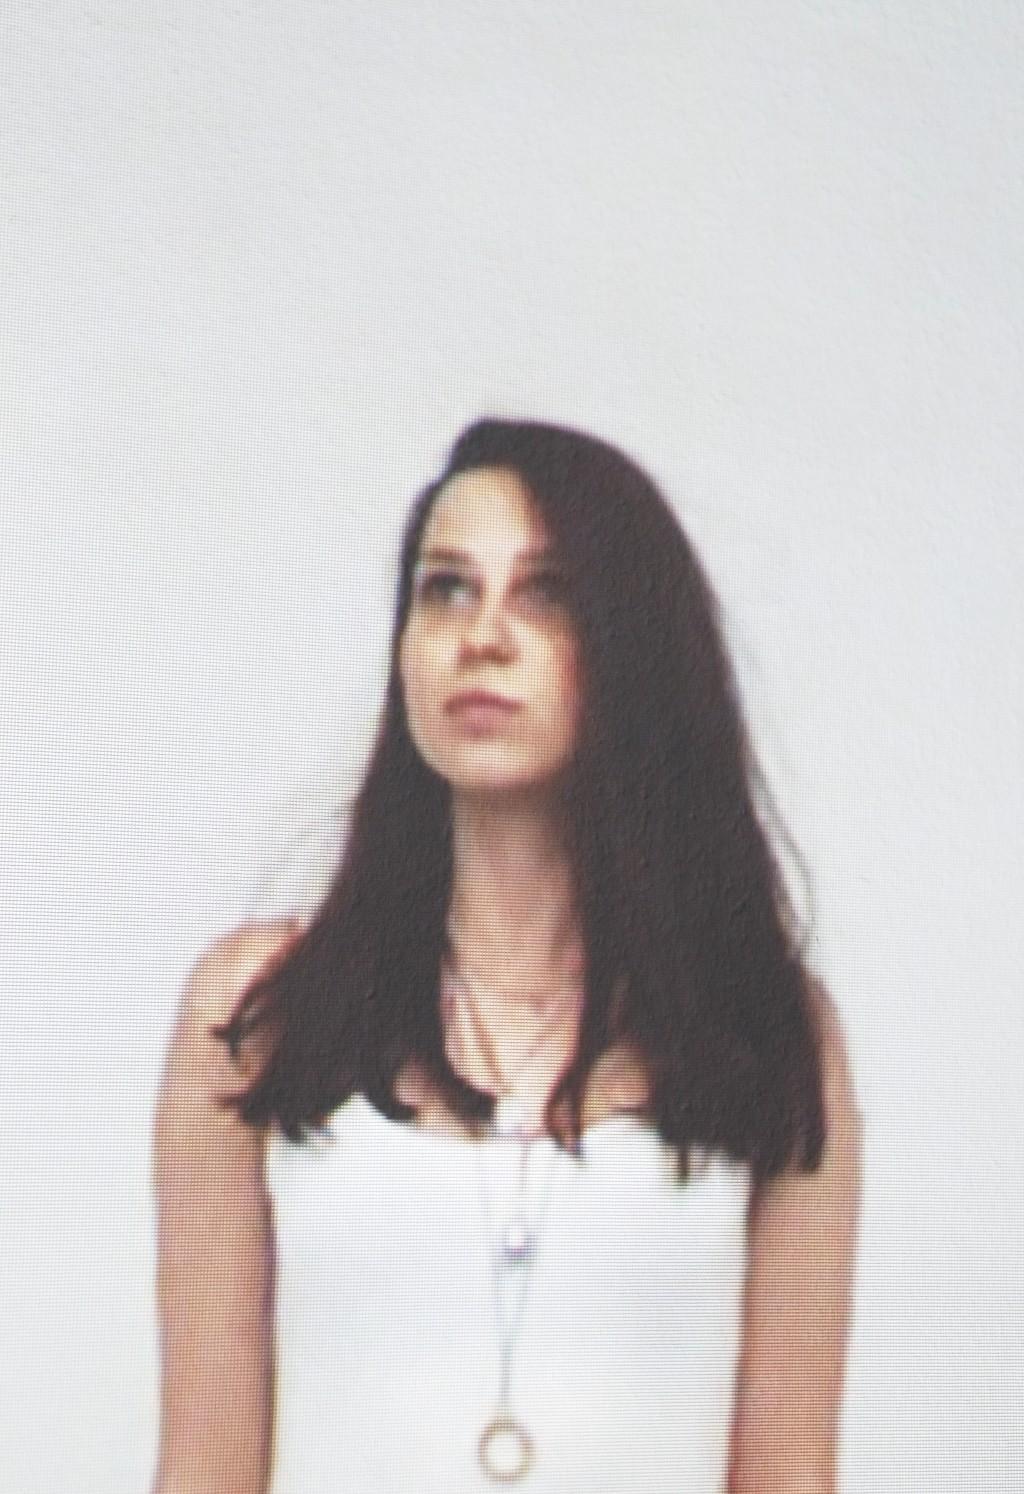 VALERIE, 22, DUESSELDORF, GERMANY